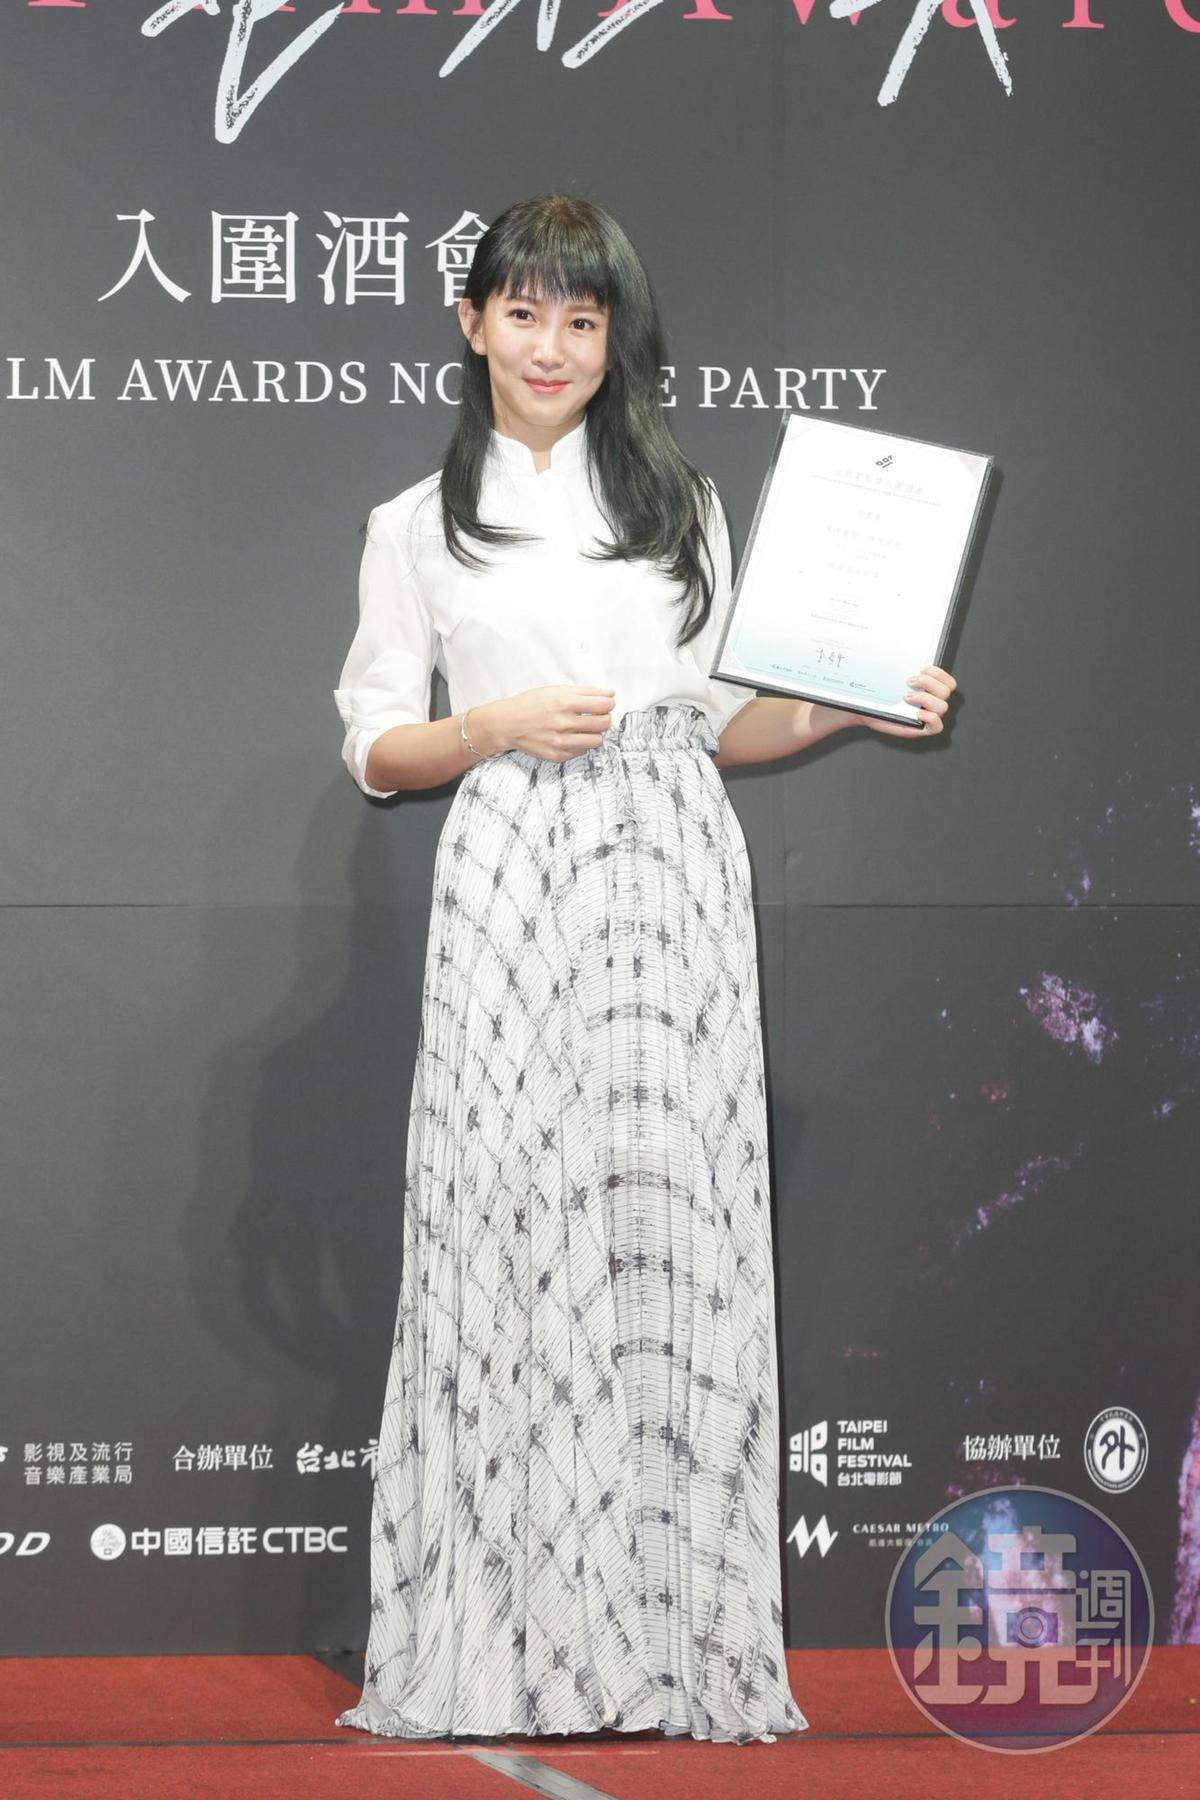 以《傻傻愛你,傻傻愛我》的入圍最佳女主角的郭書瑤,不在意自己能否得獎,更在意的是電影傳達的議題,觀眾能否接收的到。